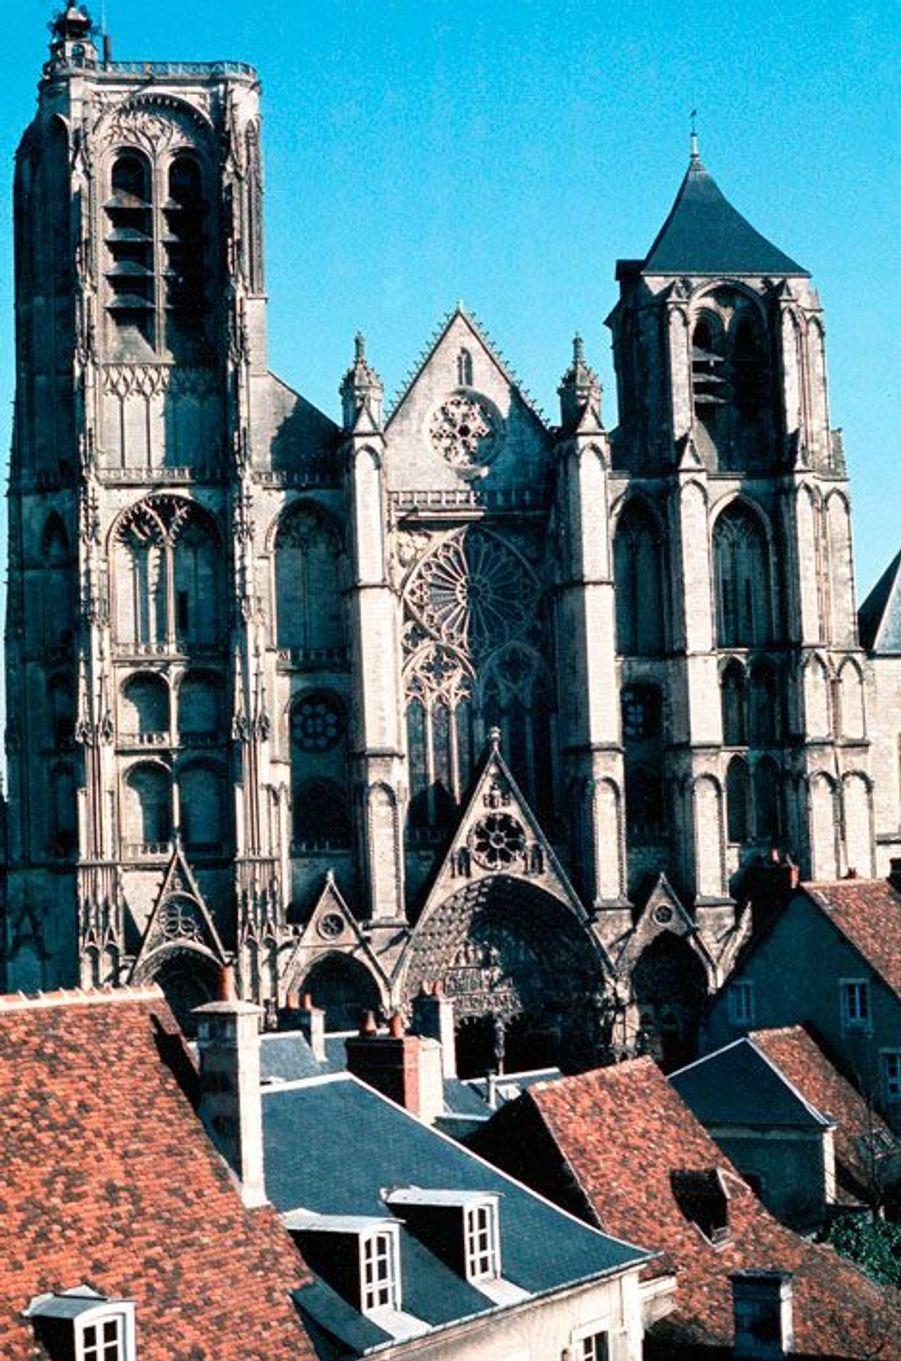 Inscrite au patrimoine mondial de l'UNESCO en 1992, la cathédrale de Bourges et son style précurseur en font l'une des plus réputées de France. Construite en 1195, les travaux ont pris fin en 1230.